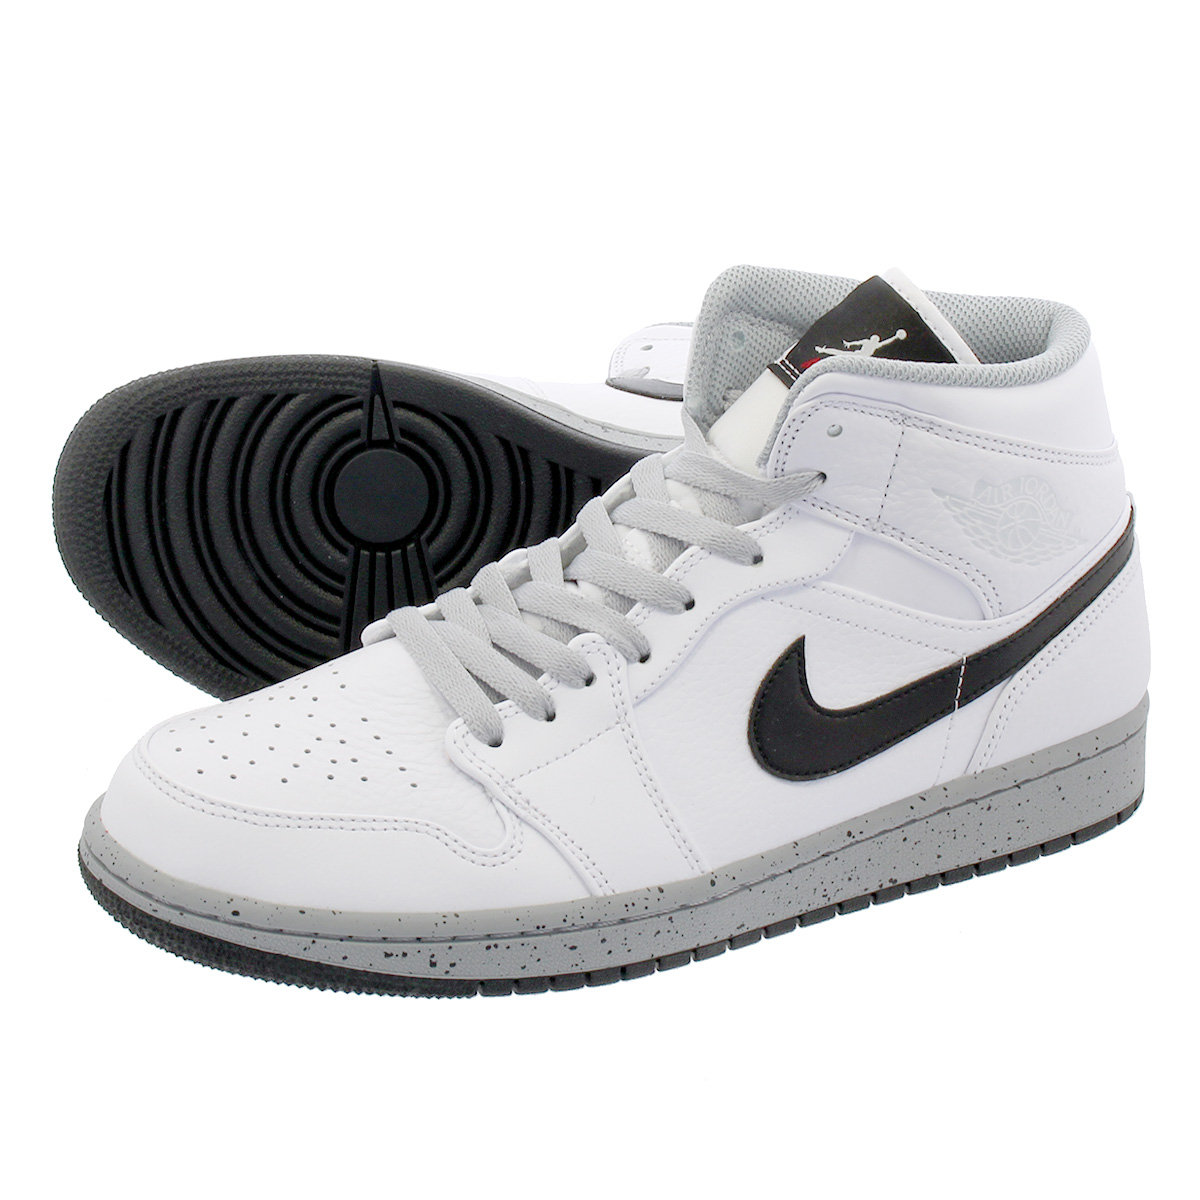 54d673e8f4642a LOWTEX PLUS  NIKE AIR JORDAN 1 MID Nike Air Jordan 1 mid WHITE WOLF GREY BLACK  554